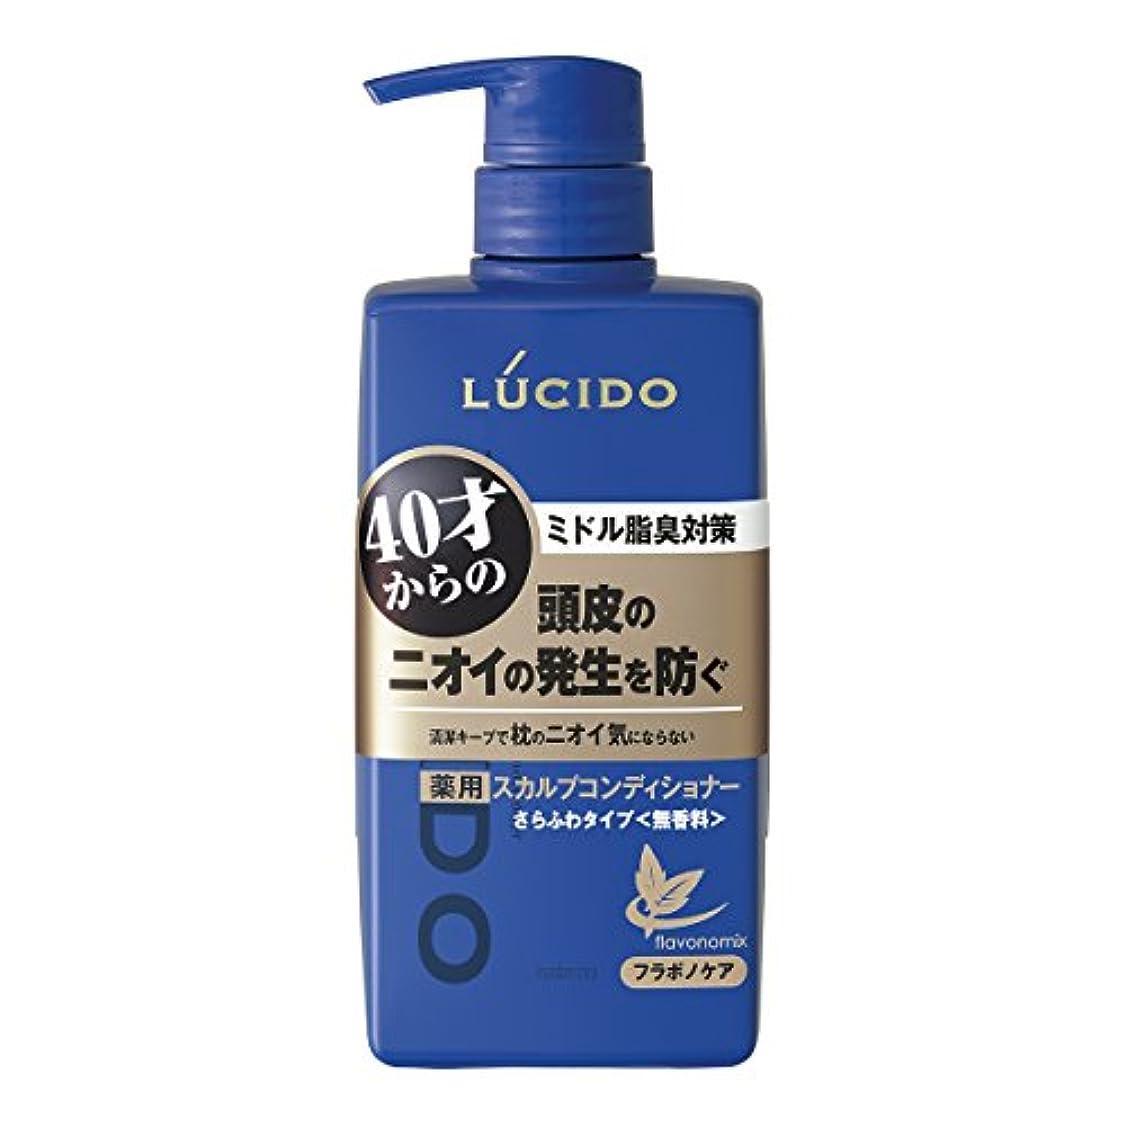 何でも種をまく警告するルシード 薬用ヘア&スカルプコンディショナー 450g(医薬部外品)